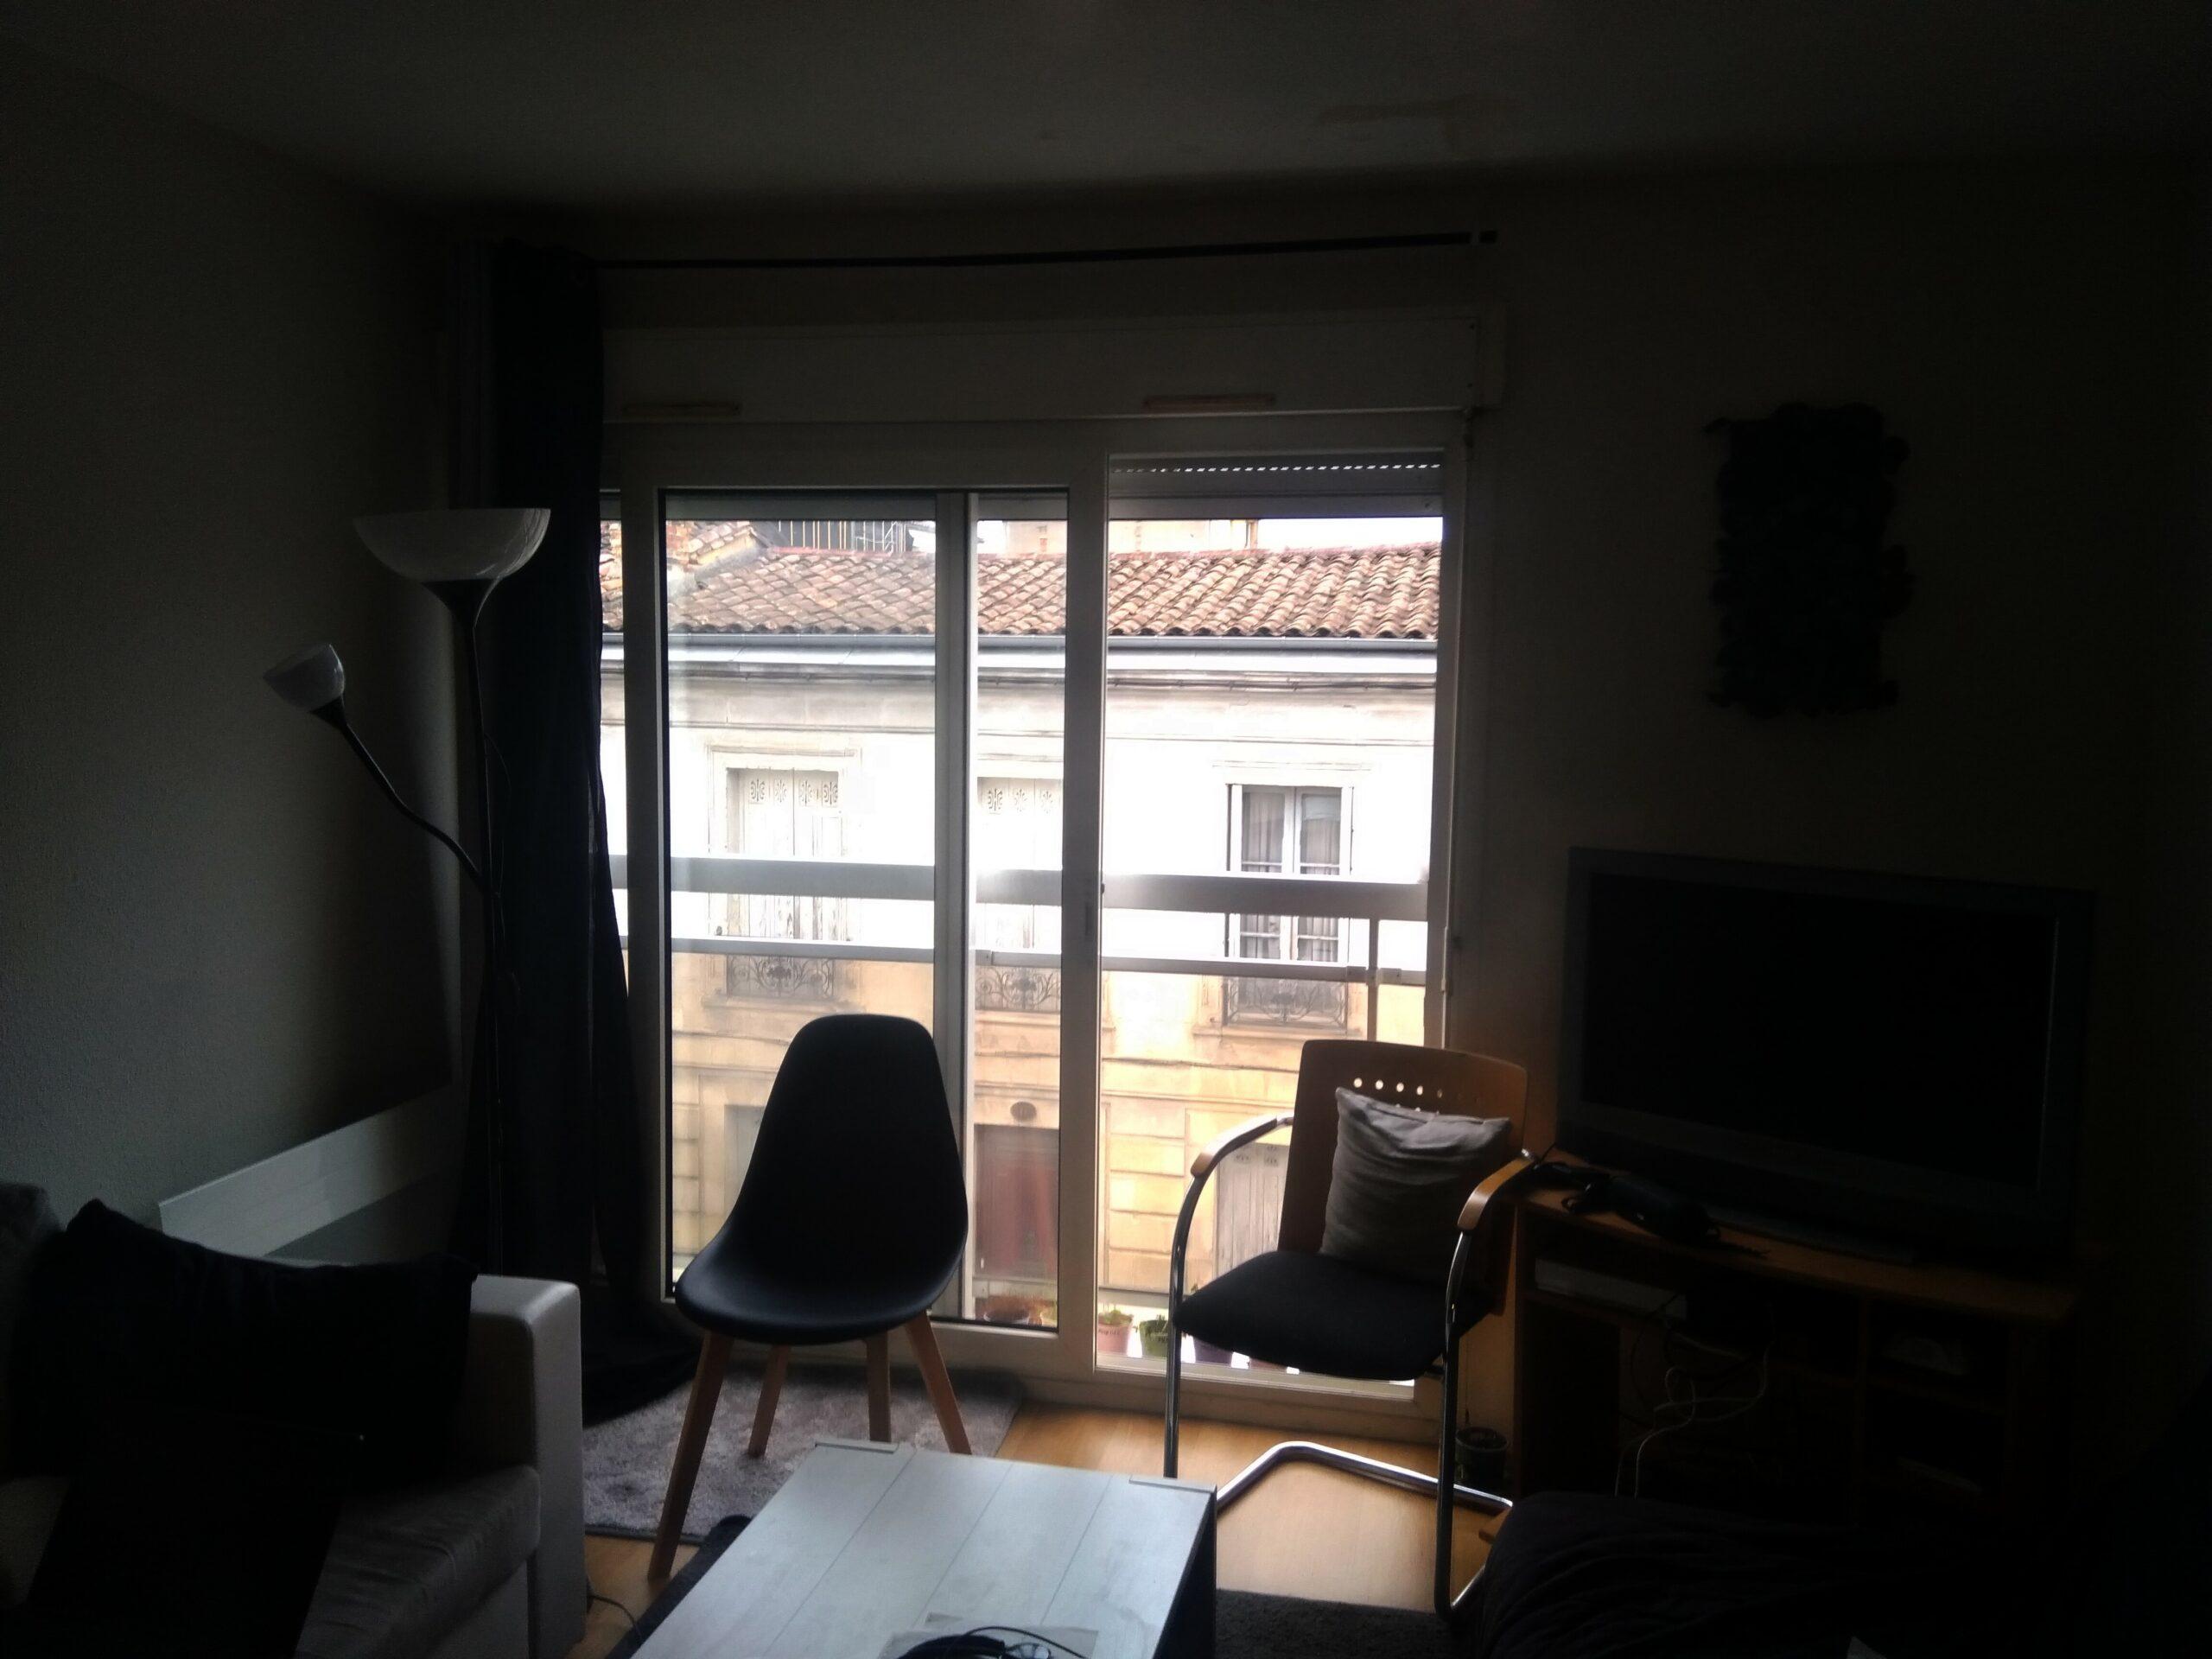 Photo d'un appartement. Seule une porte-fenêtre permet d'apporter de la lumière. L'ambiance est sombre, l'autre côté de la rue est visible.